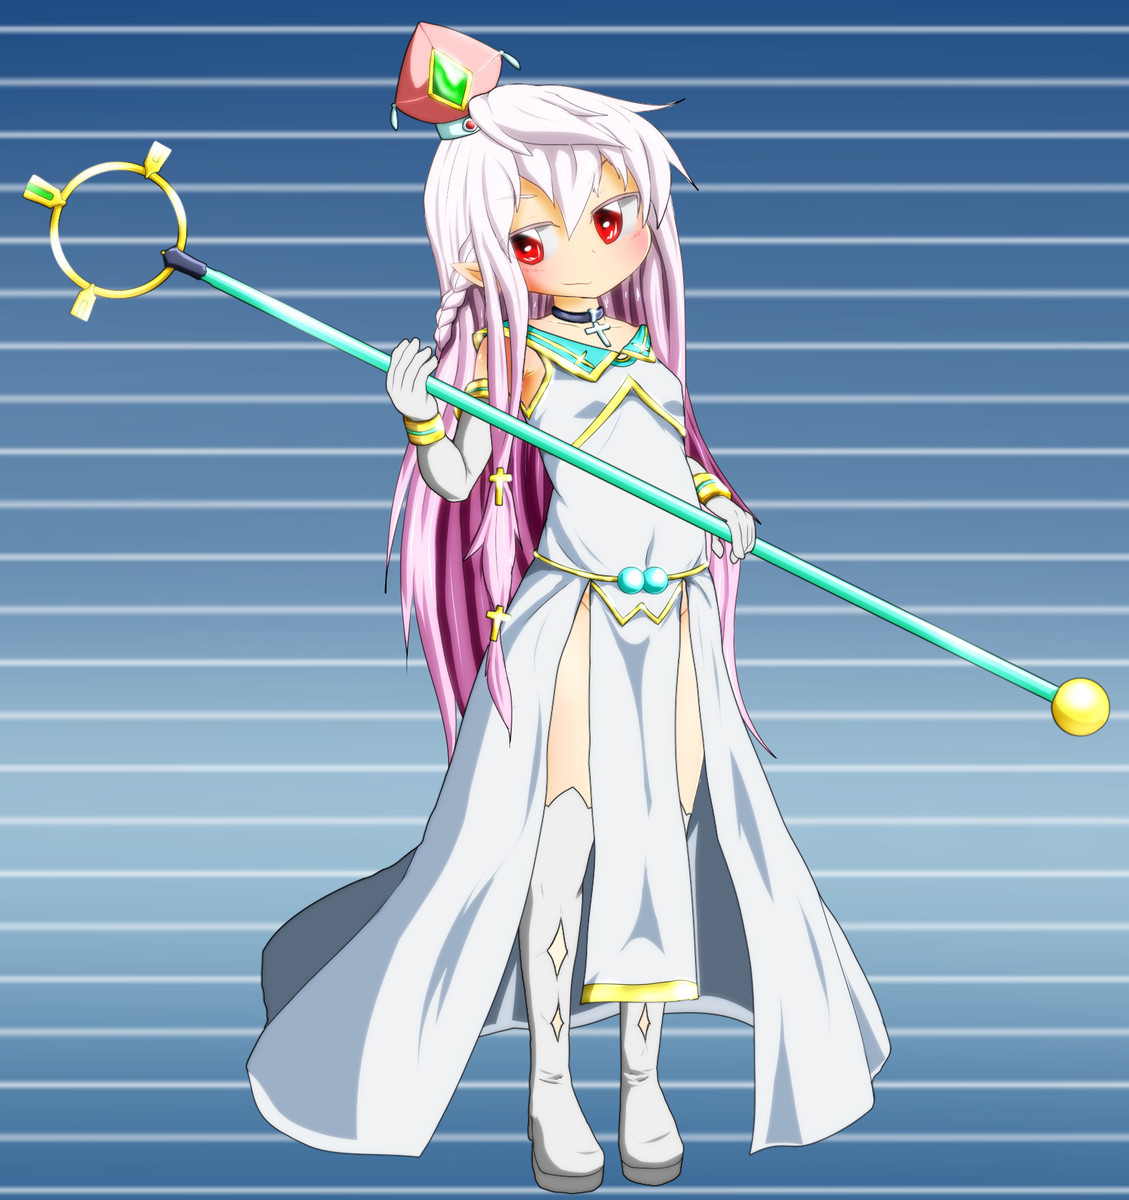 f:id:okada-akihiro:20190917002330j:plain